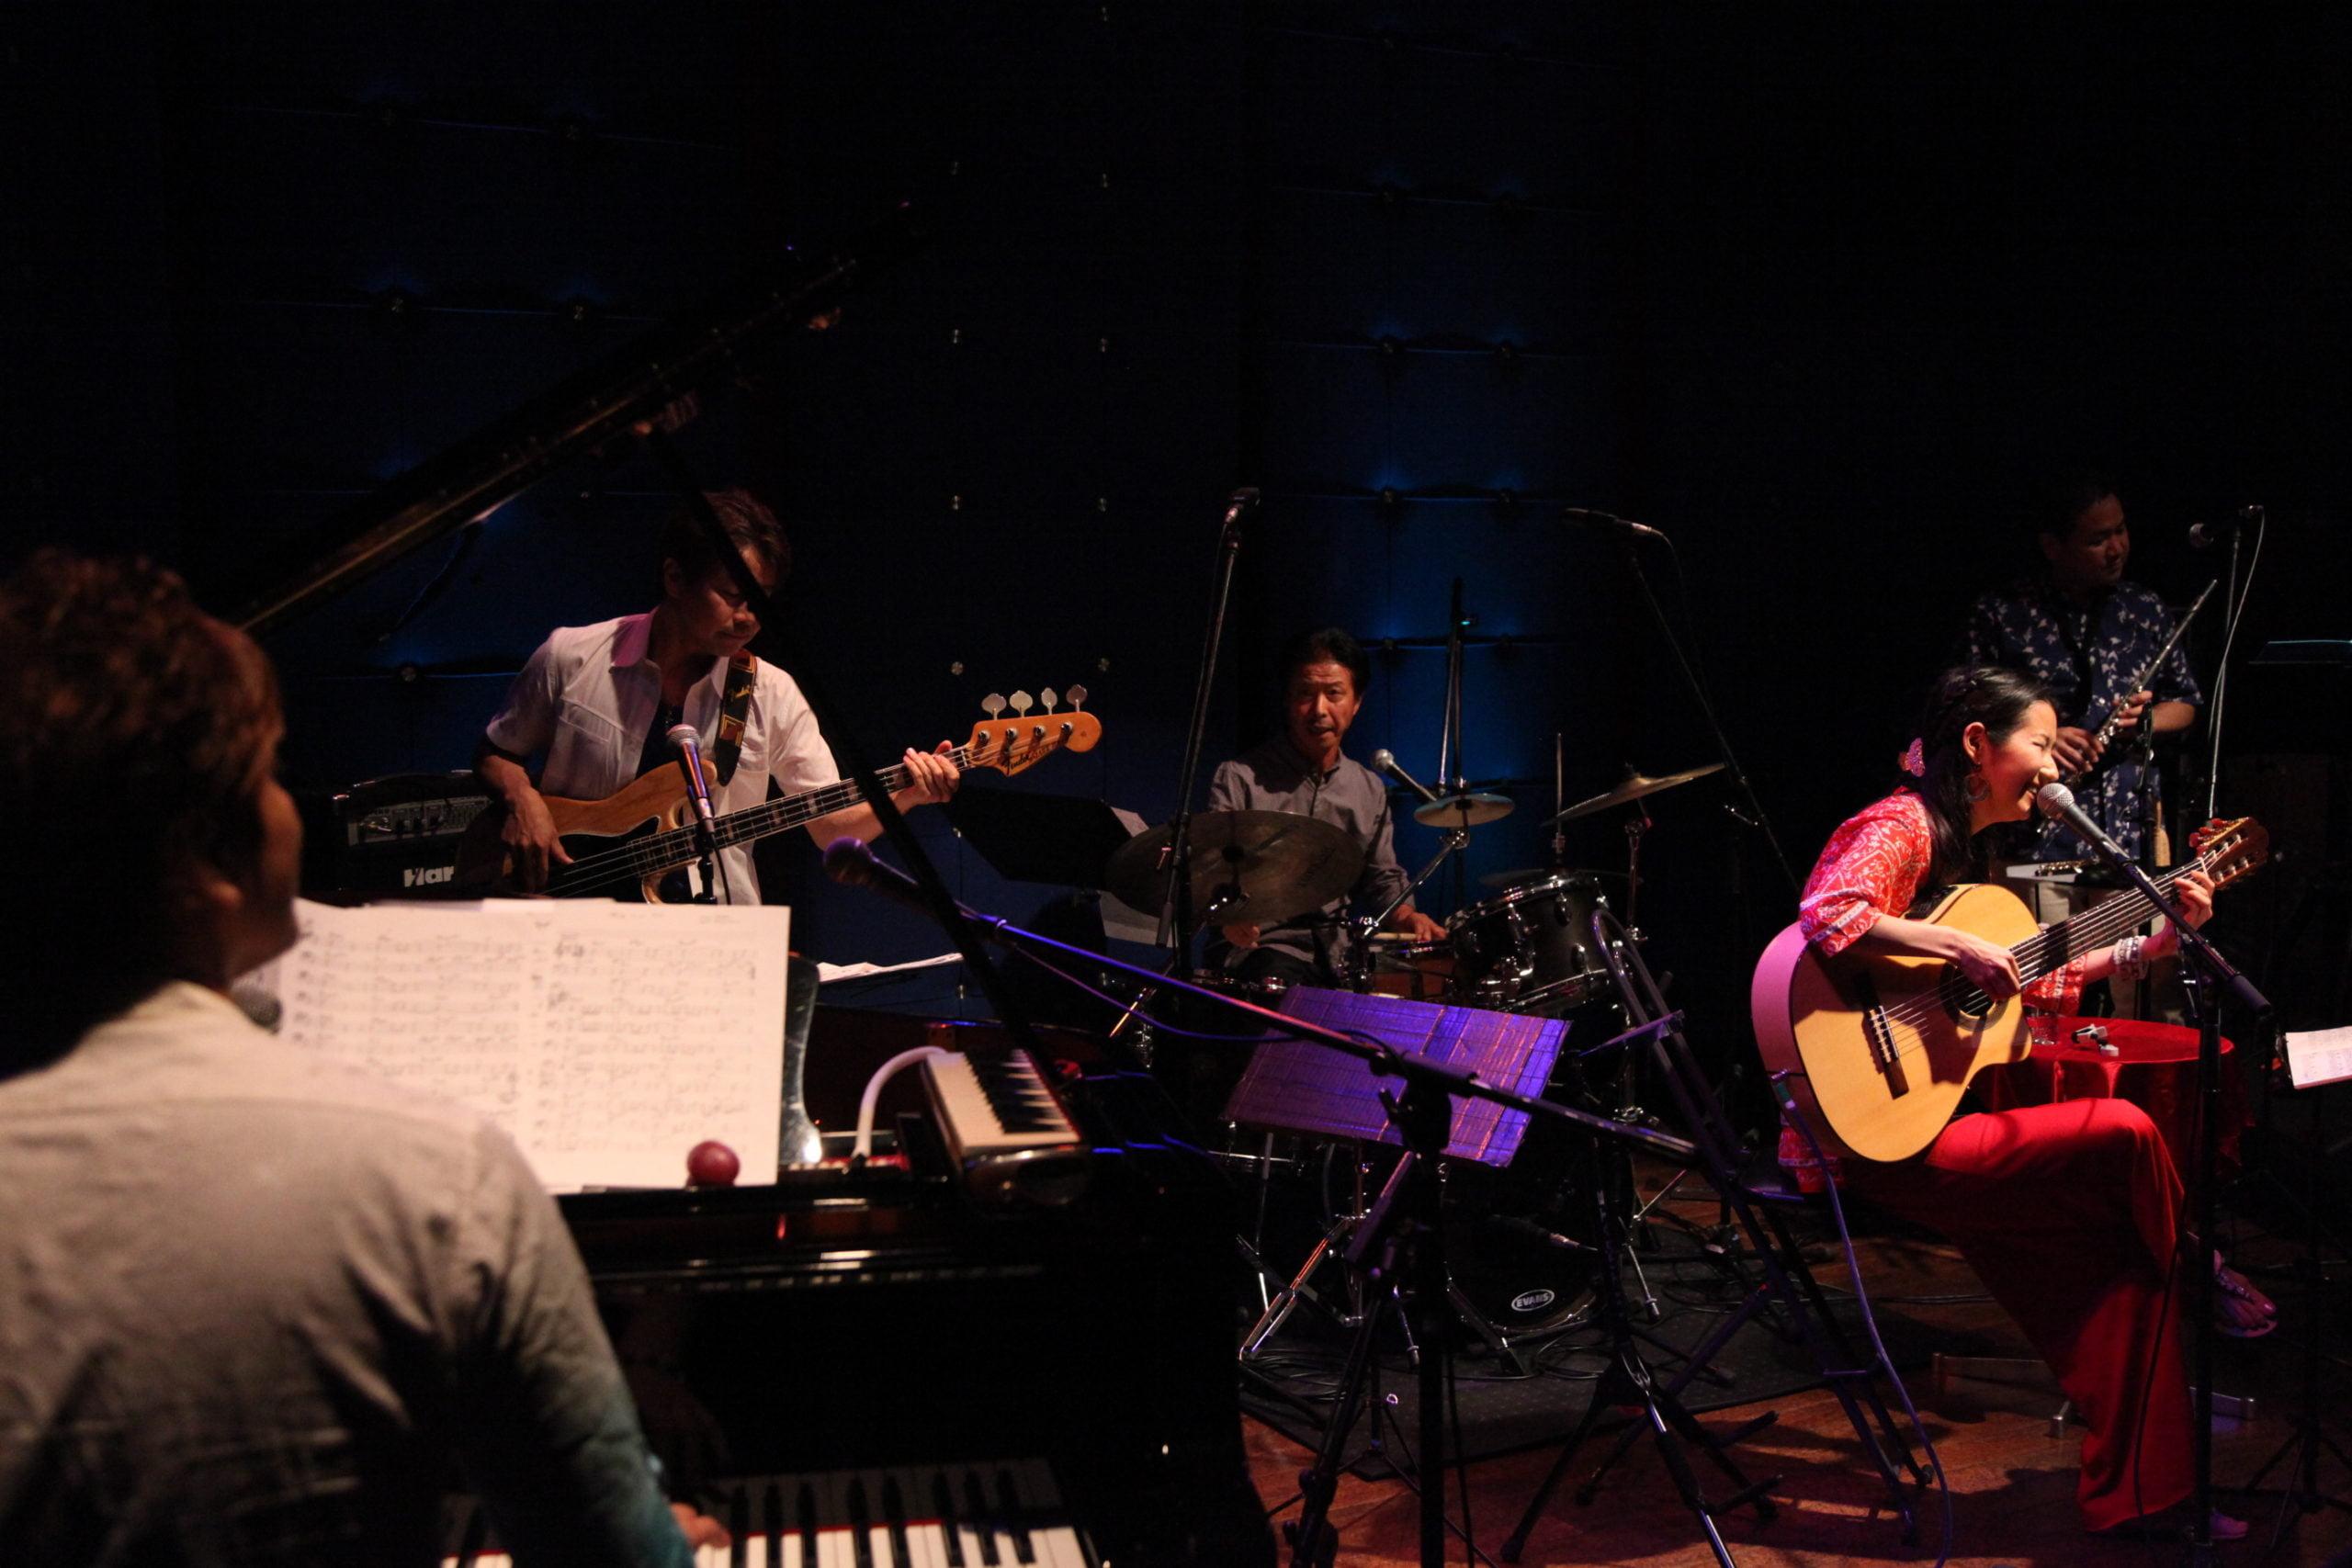 2013年・渋谷Jz Brat。デビュー10周年ライブ。ピアノ今井亮太郎、ベース大森輝作、フルート川満直哉、ドラム吉田和雄。ゲストにアブダビからウード奏者のシリーン・トハーミが来日、7弦ギター奏者の山崎岳一、ボーカリストのホブソン・アマラウが入れ替わり立ち代わり。ホブソンとのデュエットはvideoに掲載しています、見てみてね♪